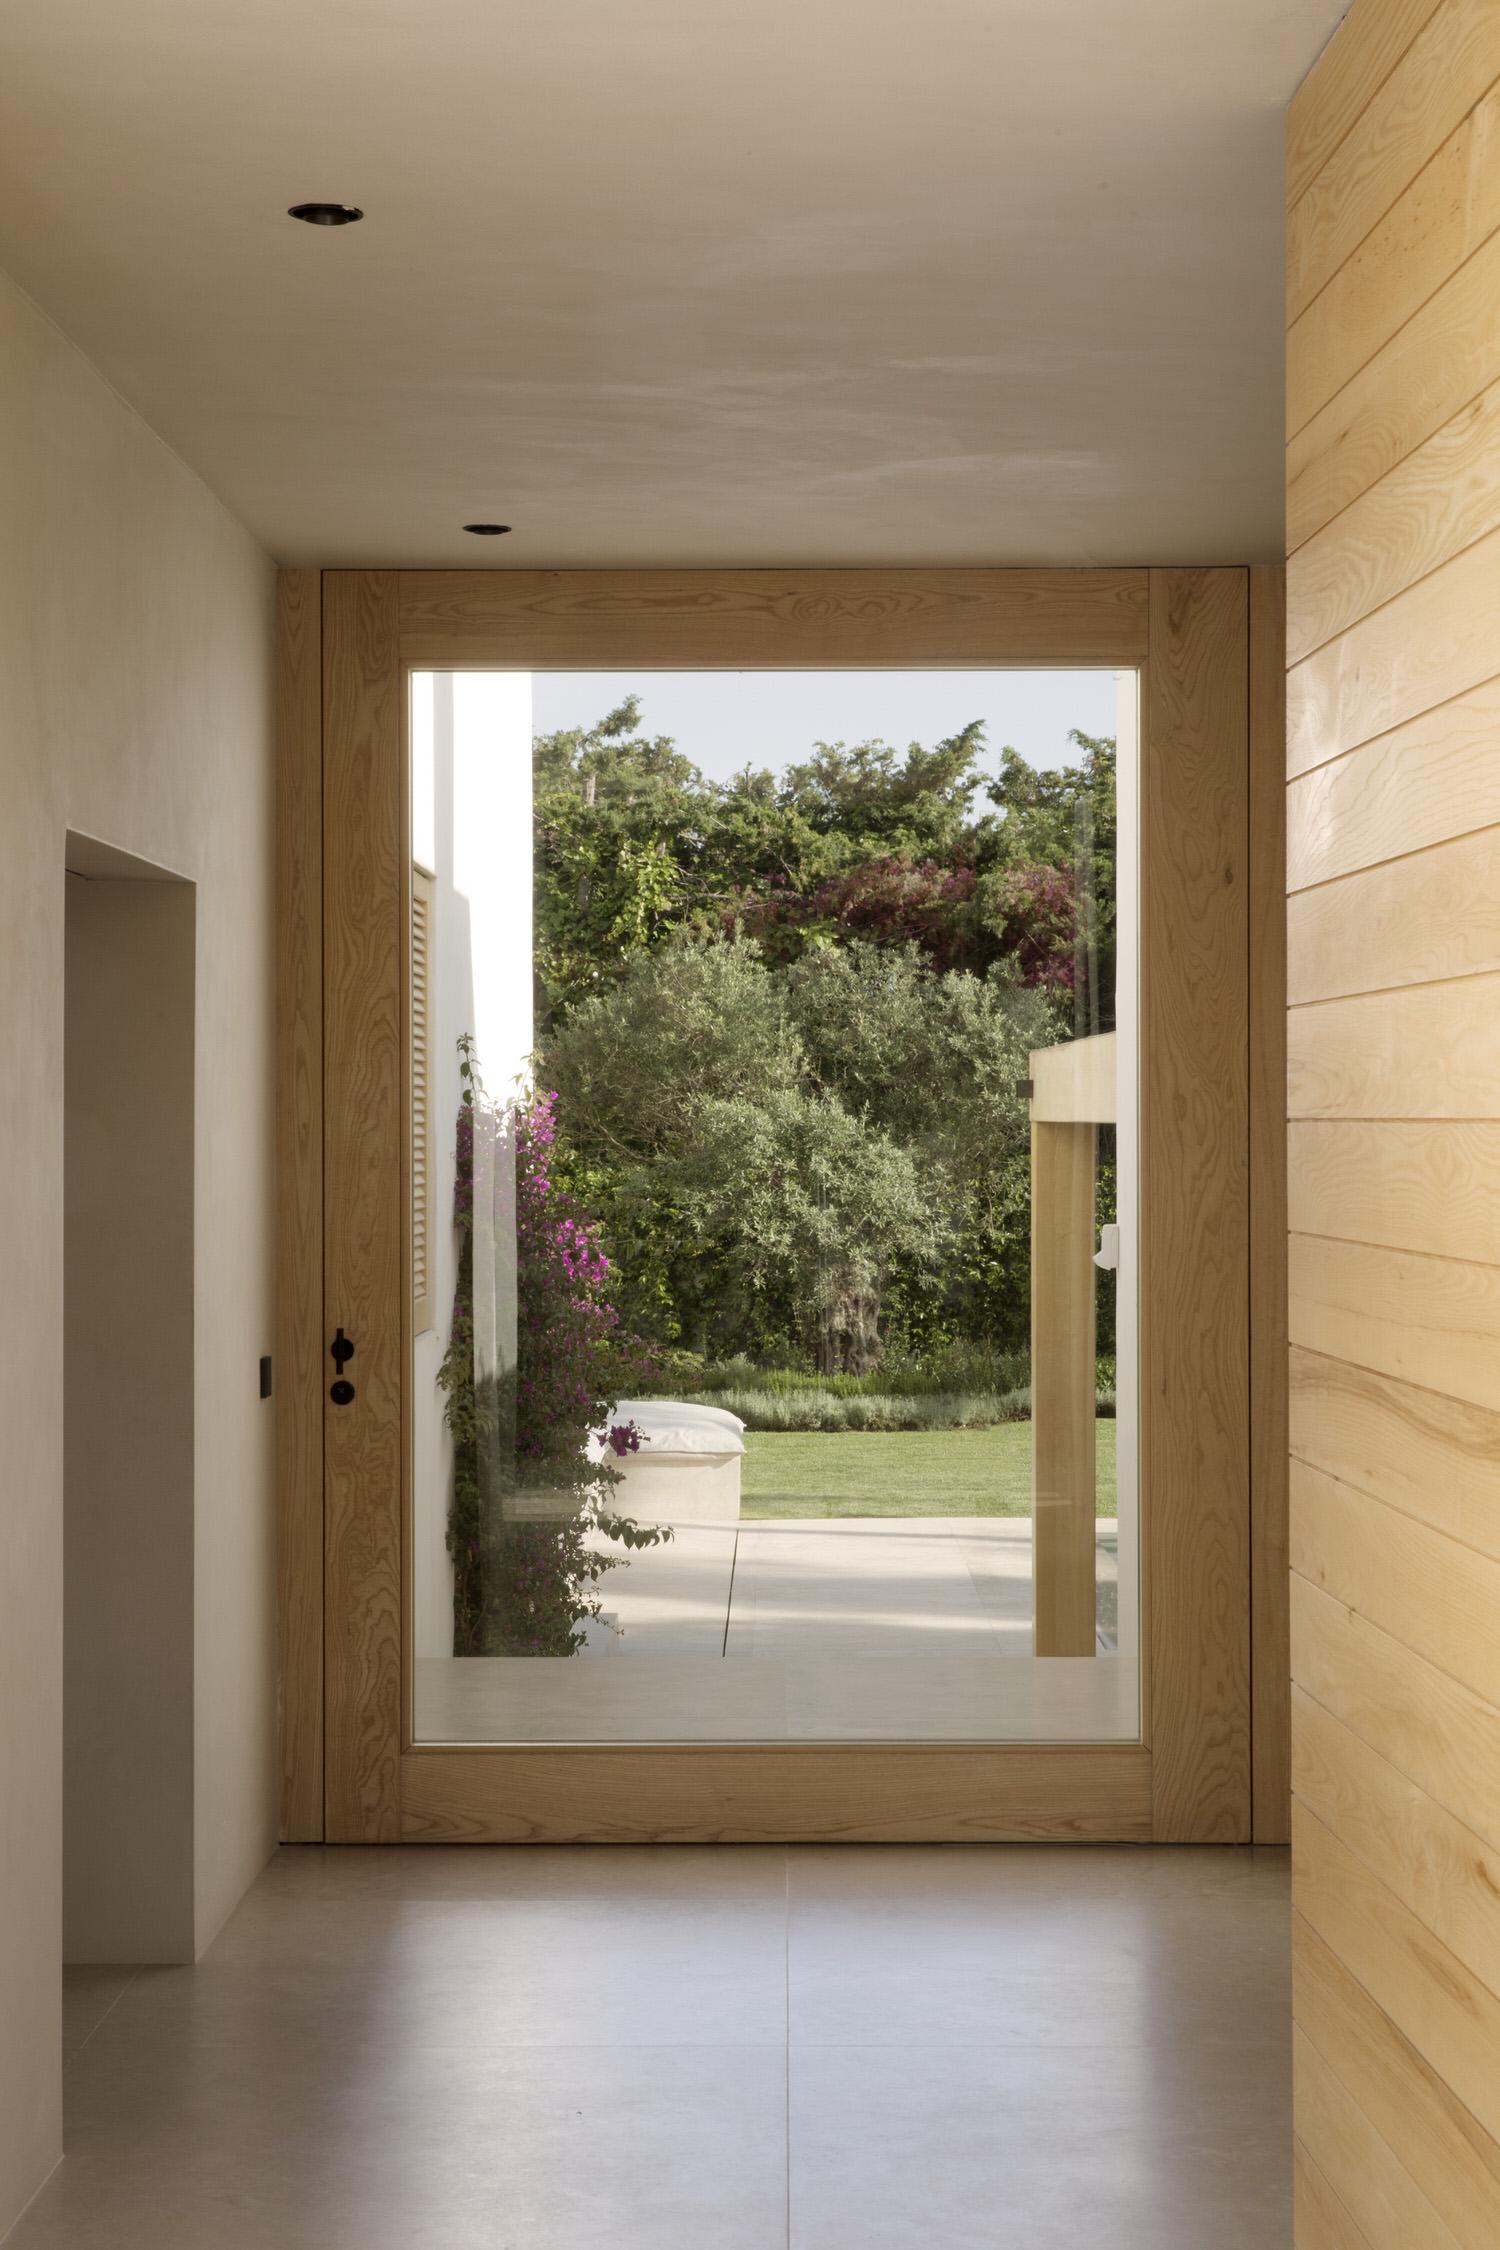 Febrero Studio Casa Marbella Spanish Architecture Photo German Saiz Yellowtrace 10